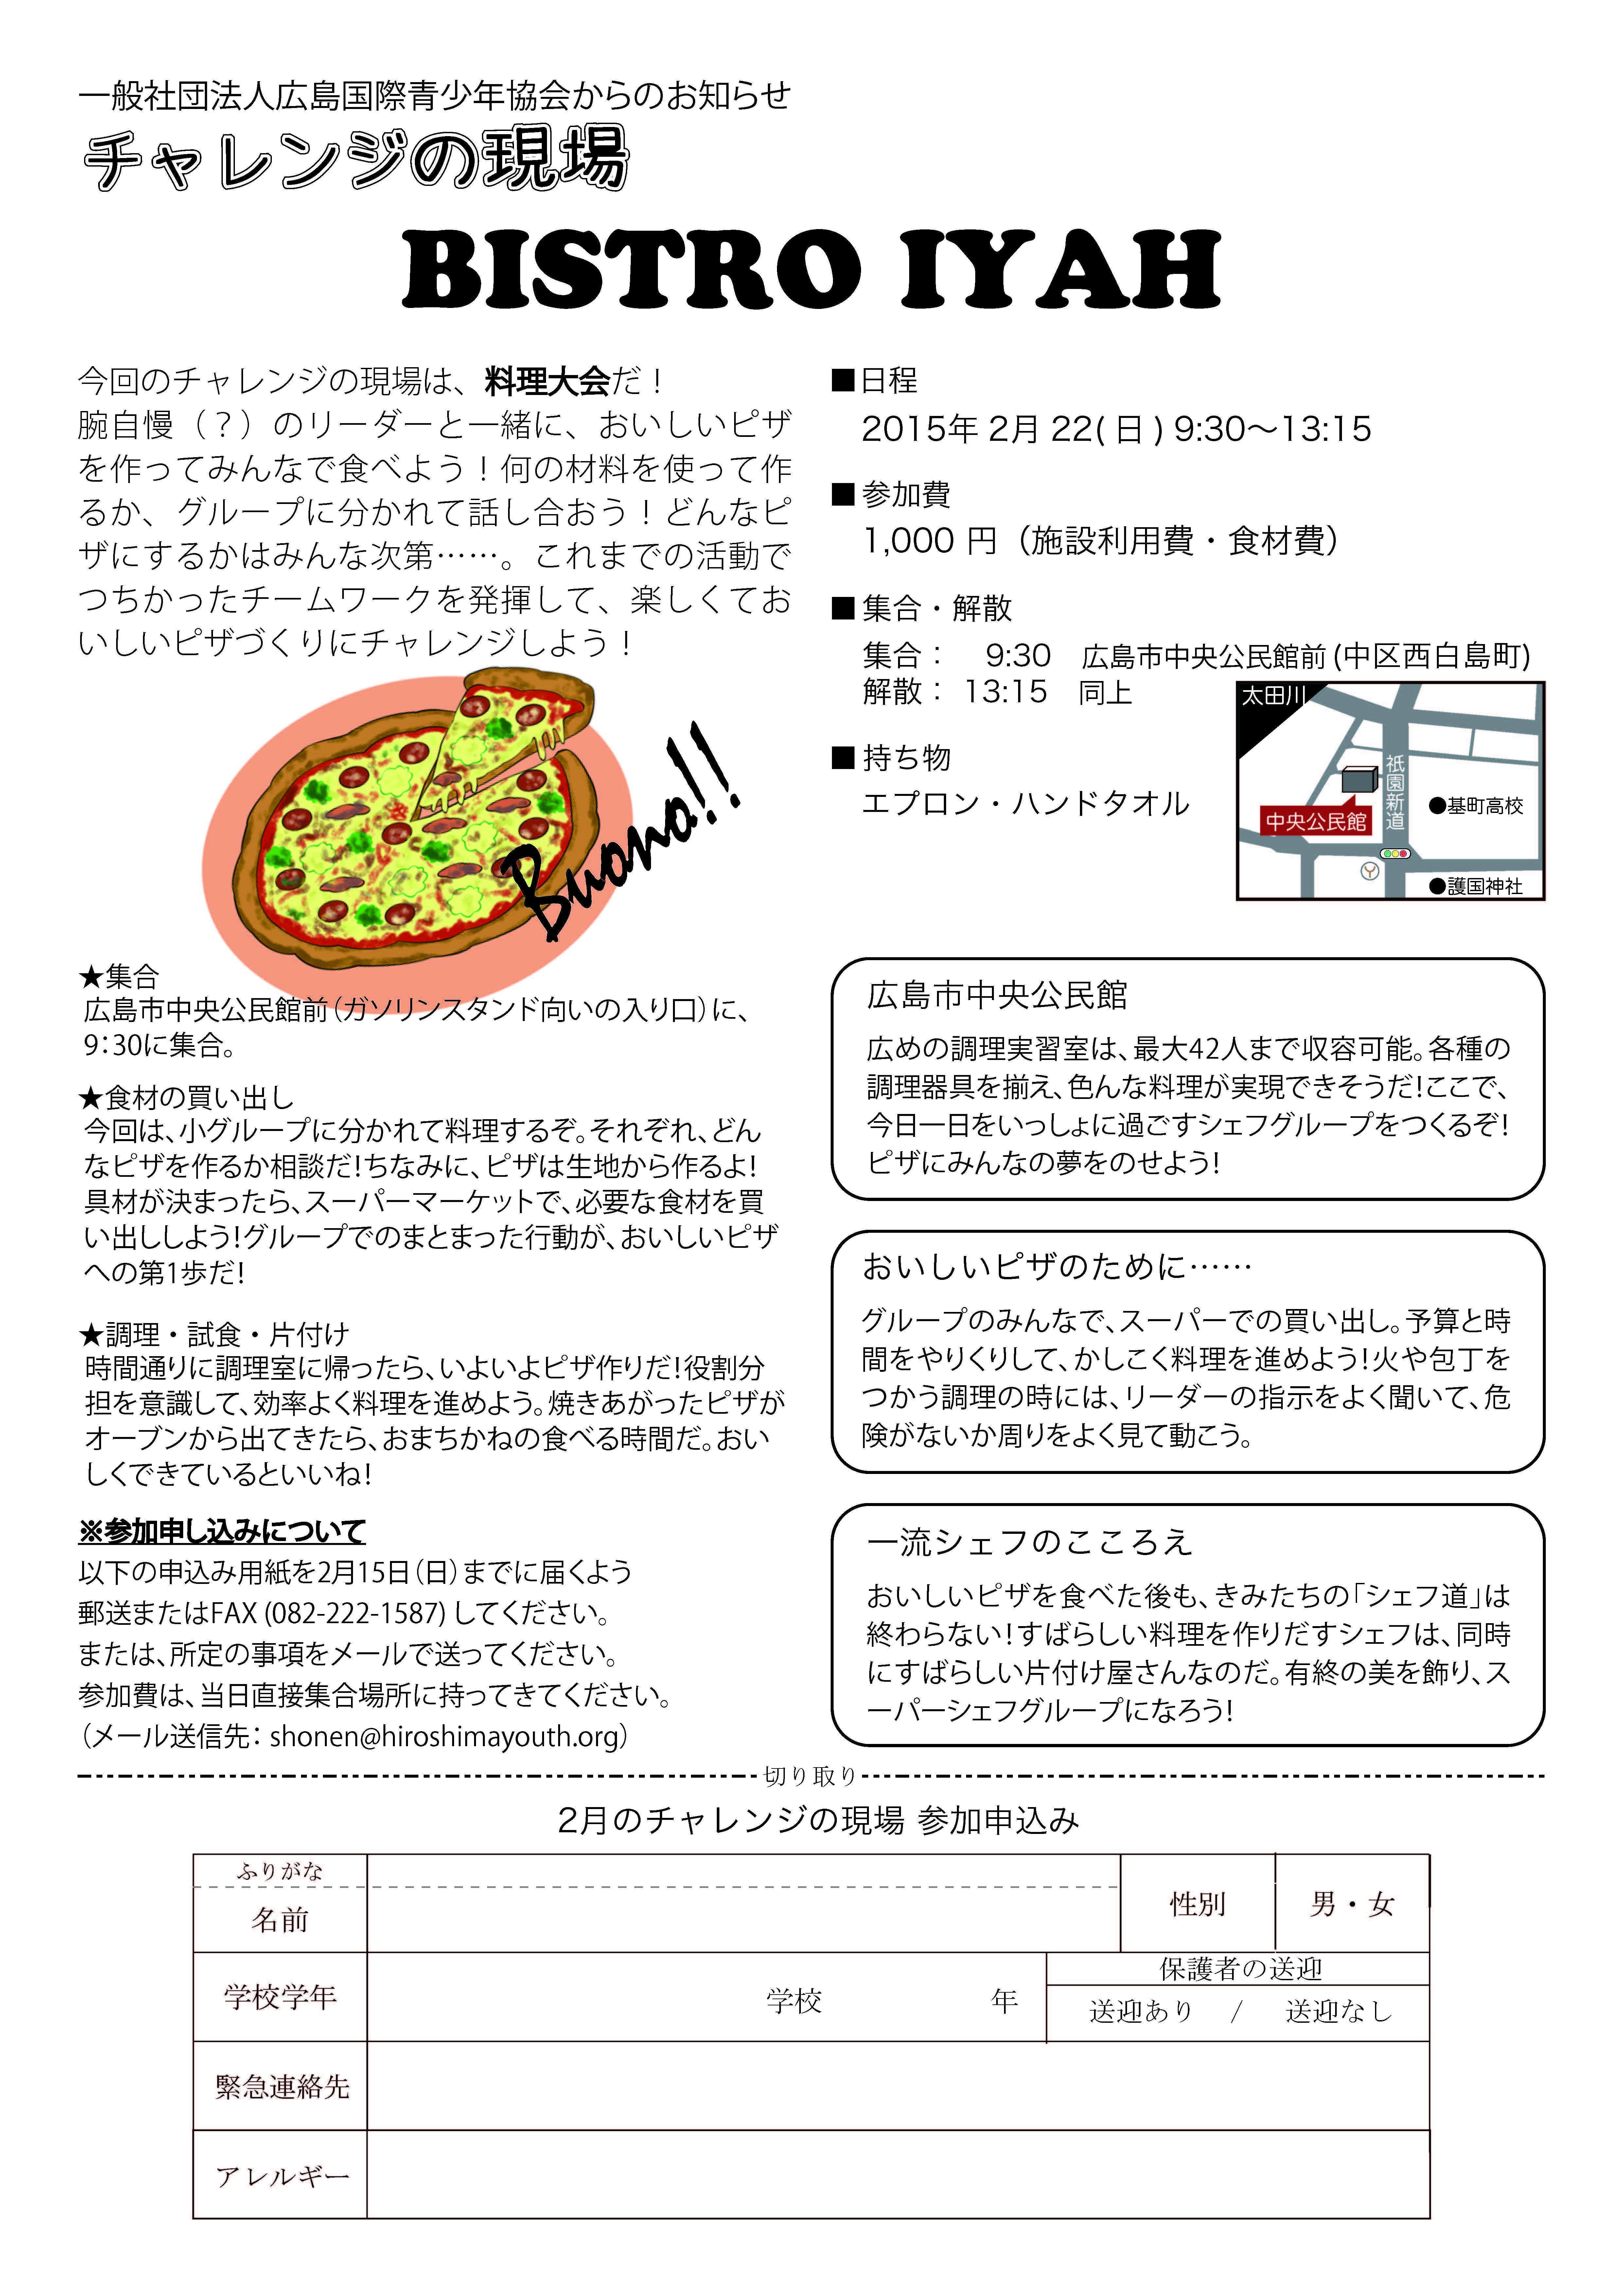 �B_20150209_FoCfeb2015のお知らせ.jpg